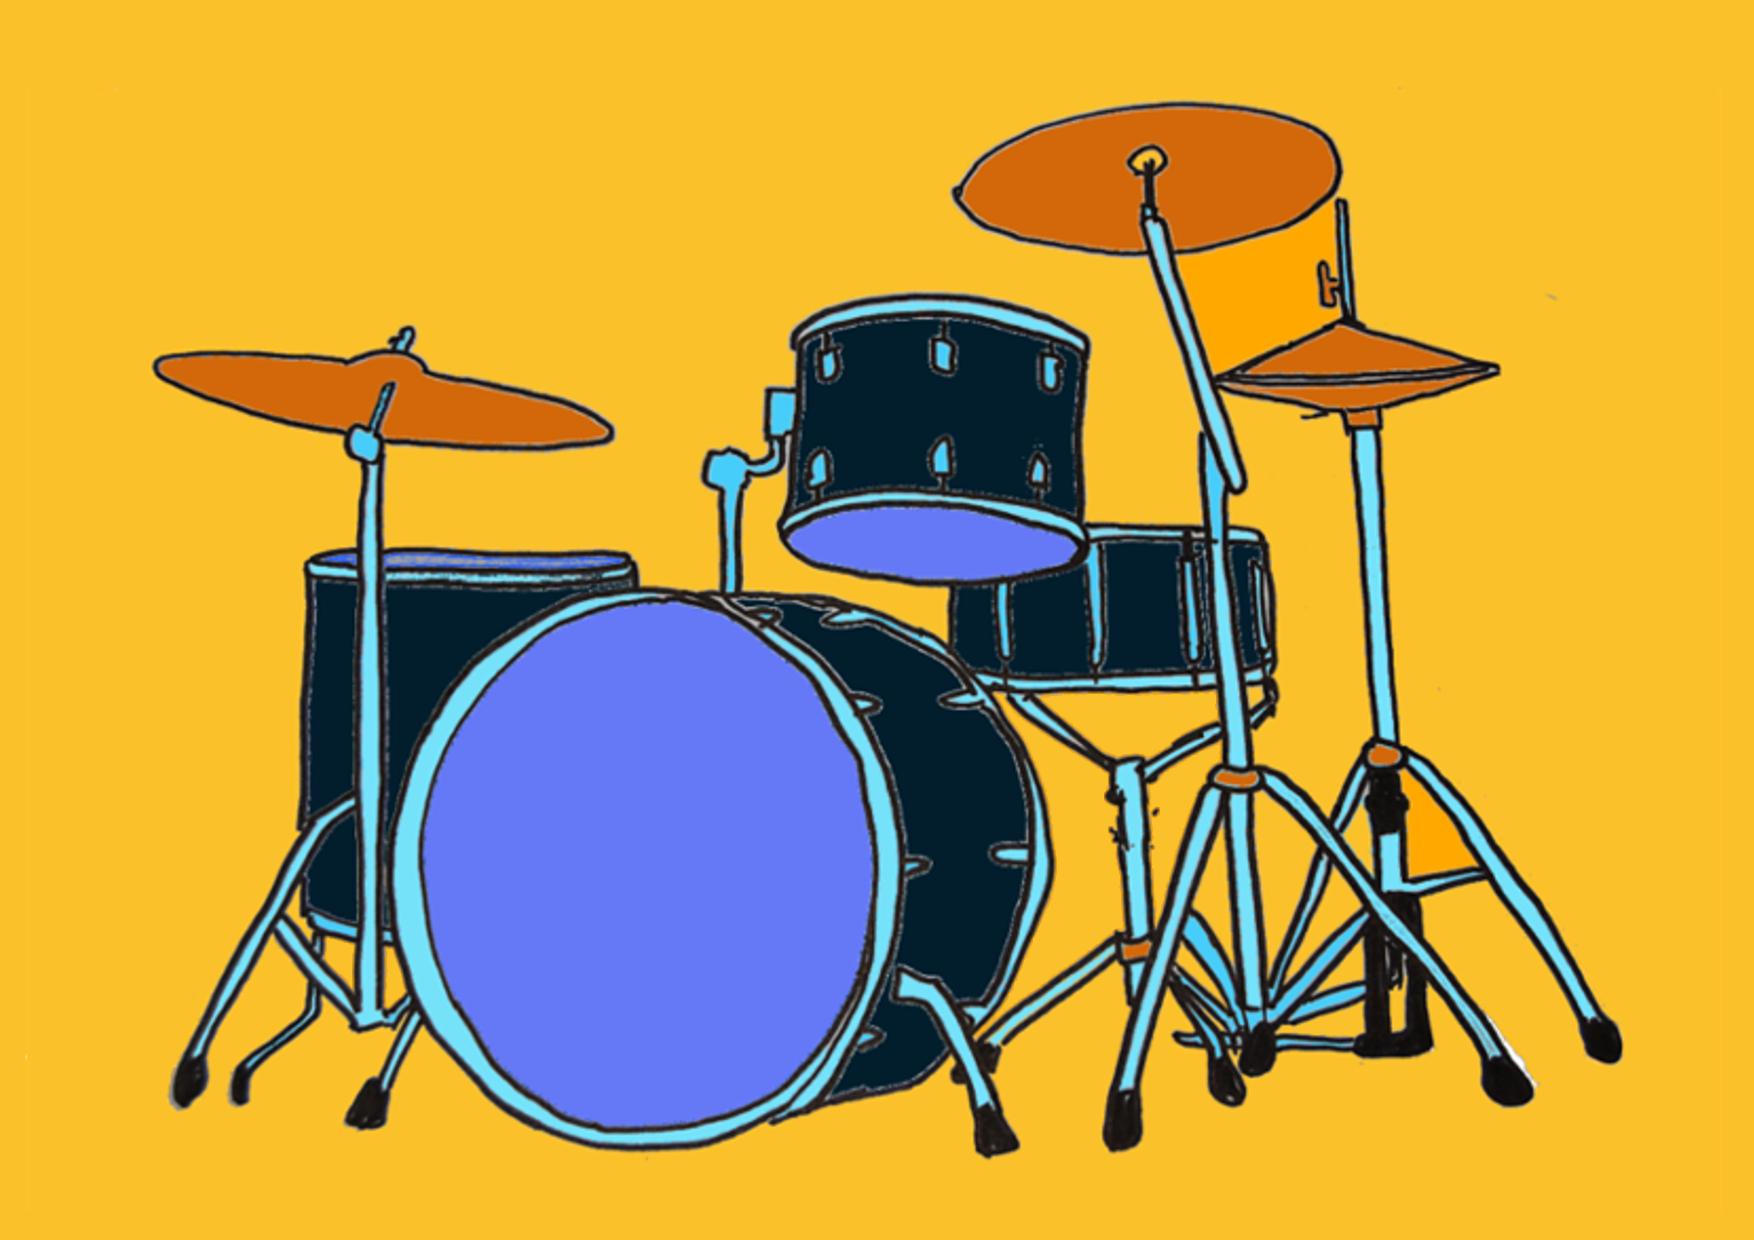 Drums-Schlagzeug-Unterricht-Bammental